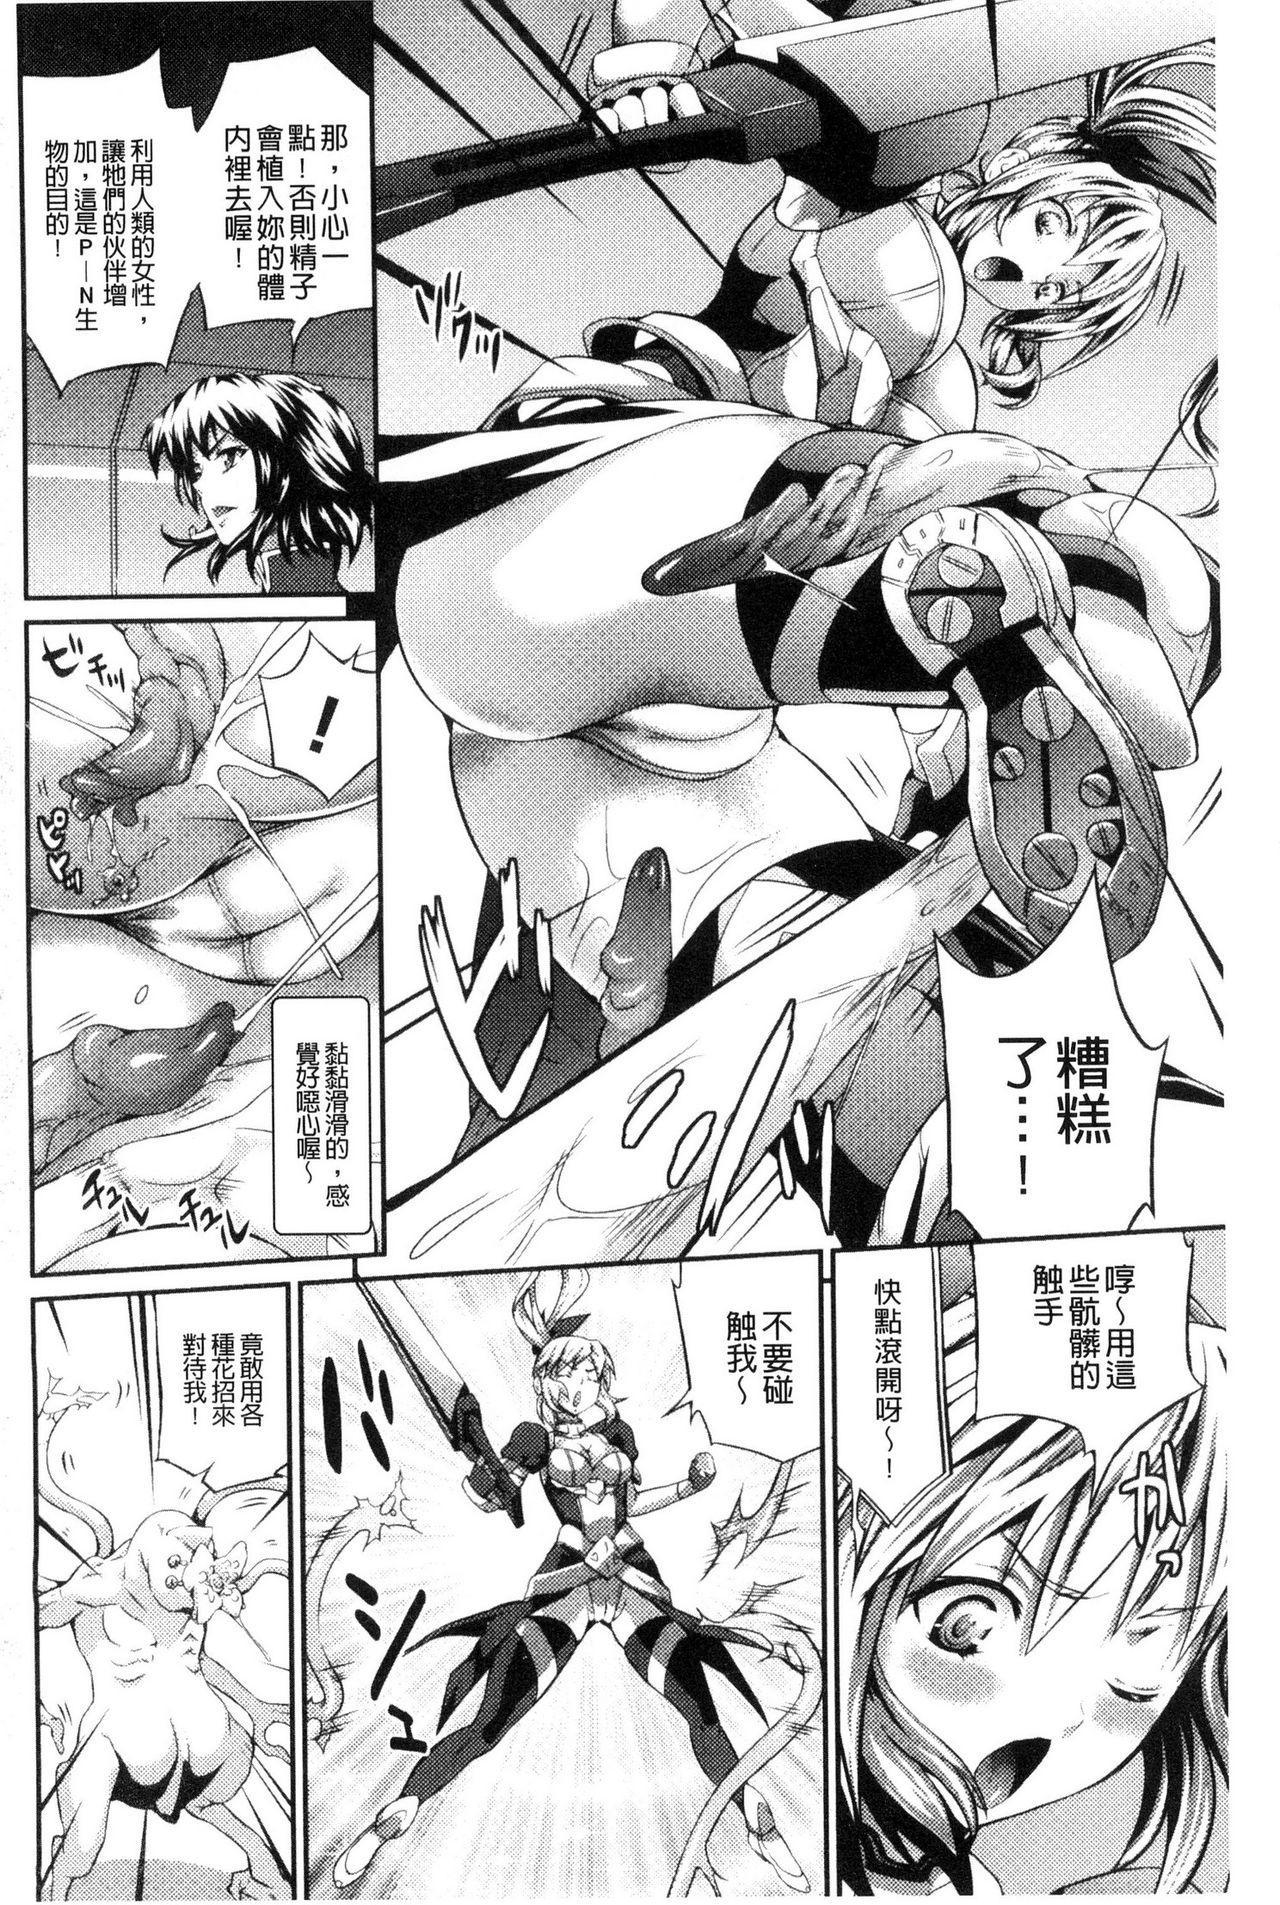 Busou Senki 6